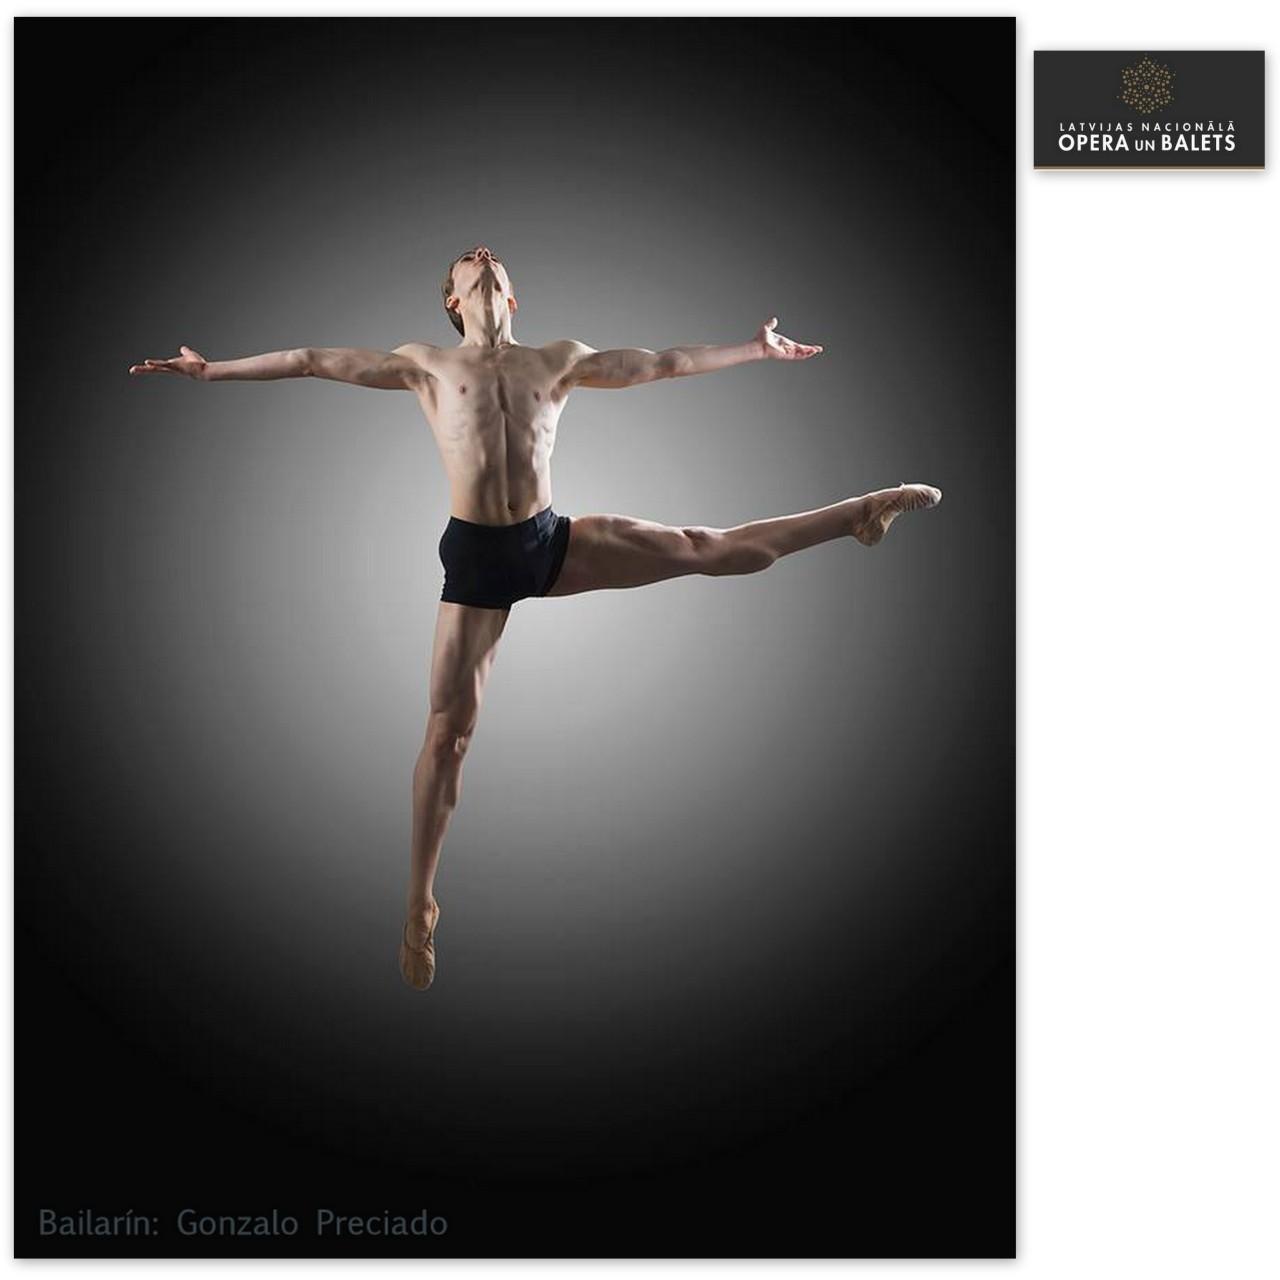 Y ya tenemos a un bailarín en el Ballet Nacional de Letonia: Gonzalo PreciadoAzanza